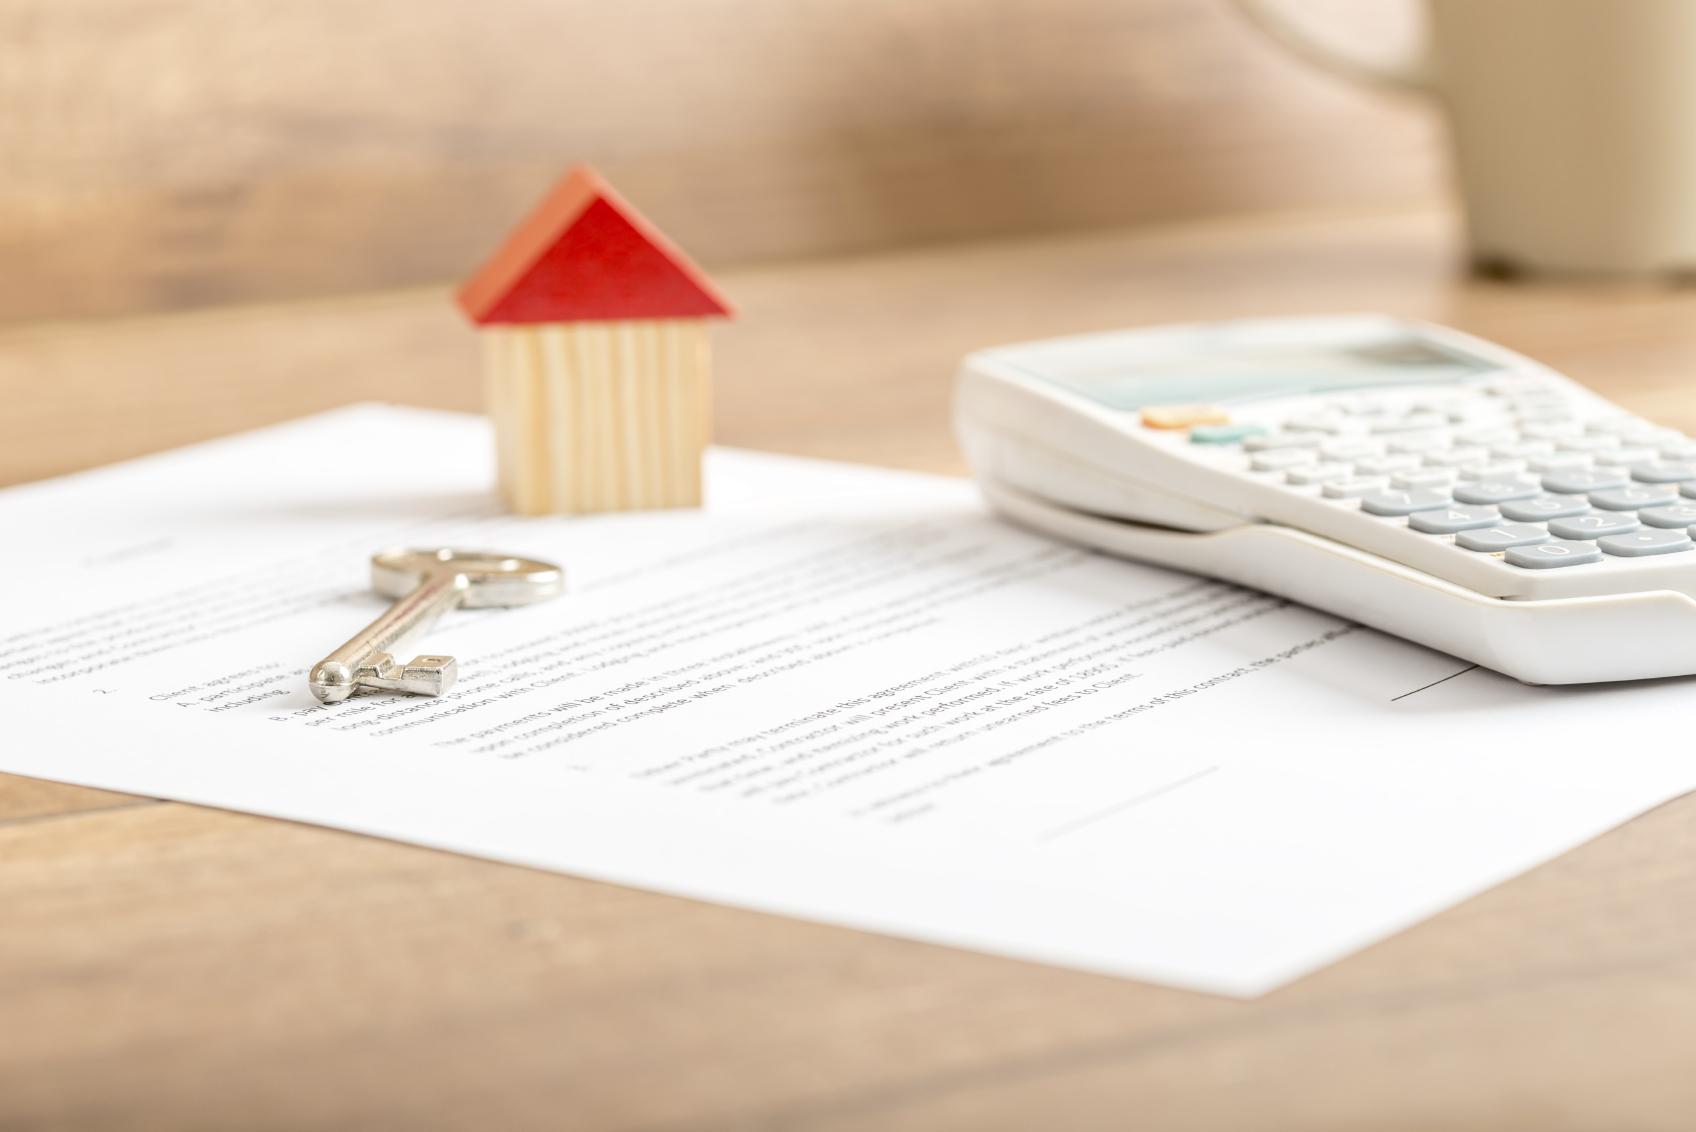 Achat d une maison 11 frais pr voir outre l hypoth que blogue de via ca - Achat maison hypothequee ...